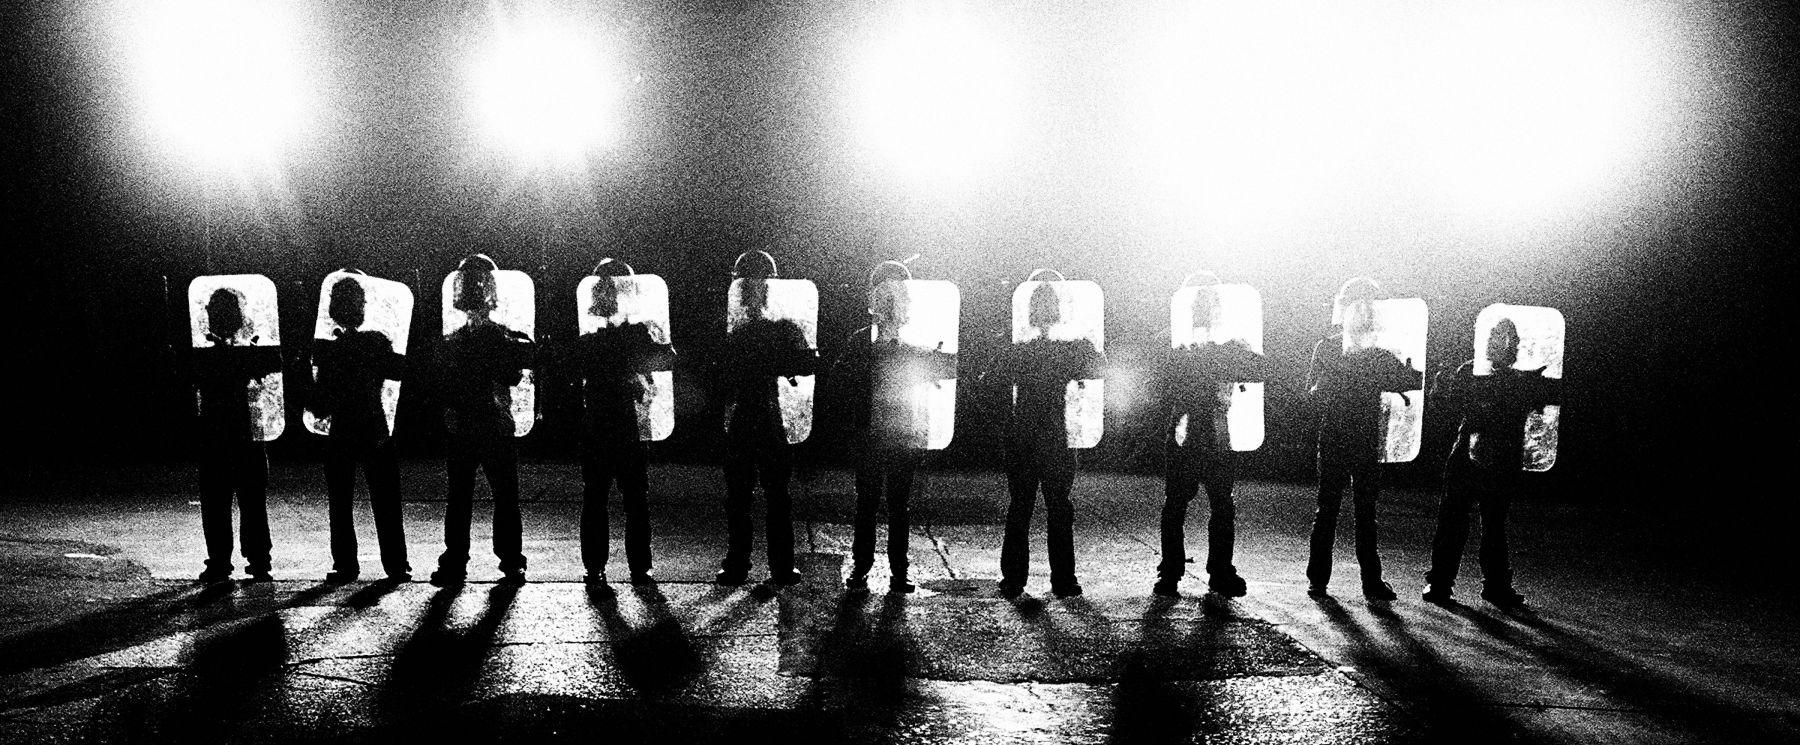 Doug Aitken - frontier